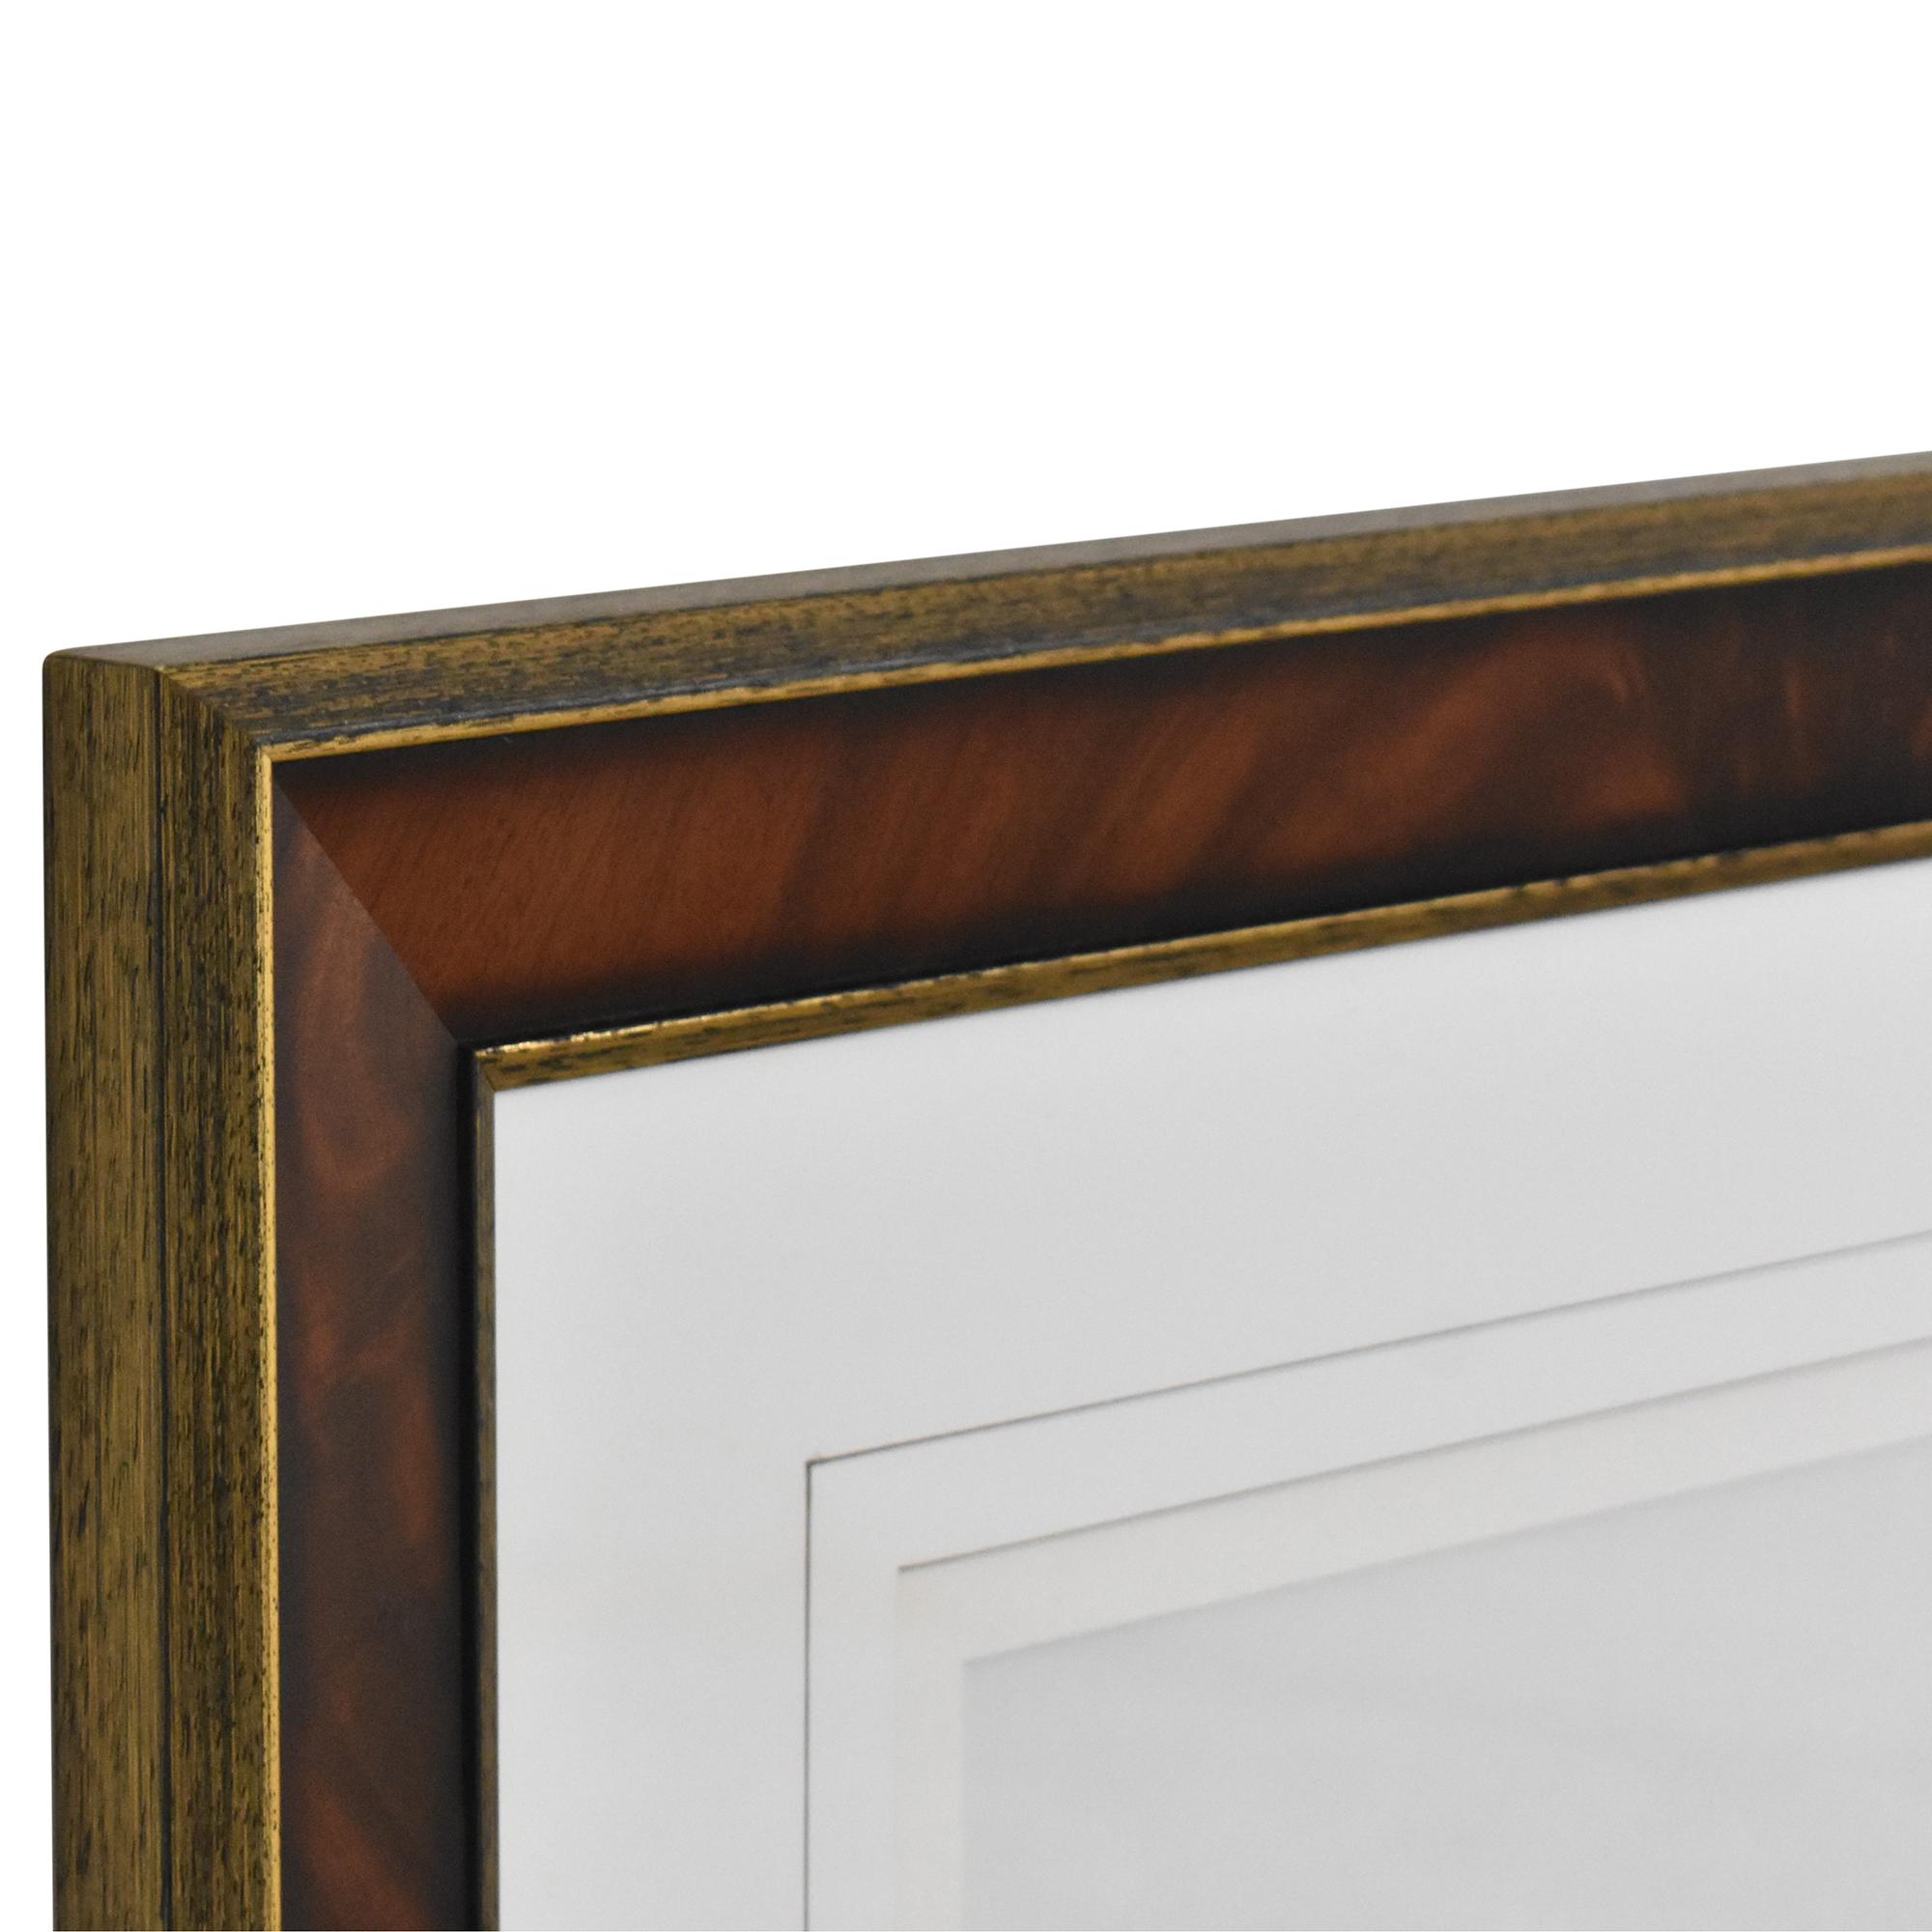 Ethan Allen  Ethan Allen Framed Wall Art dimensions